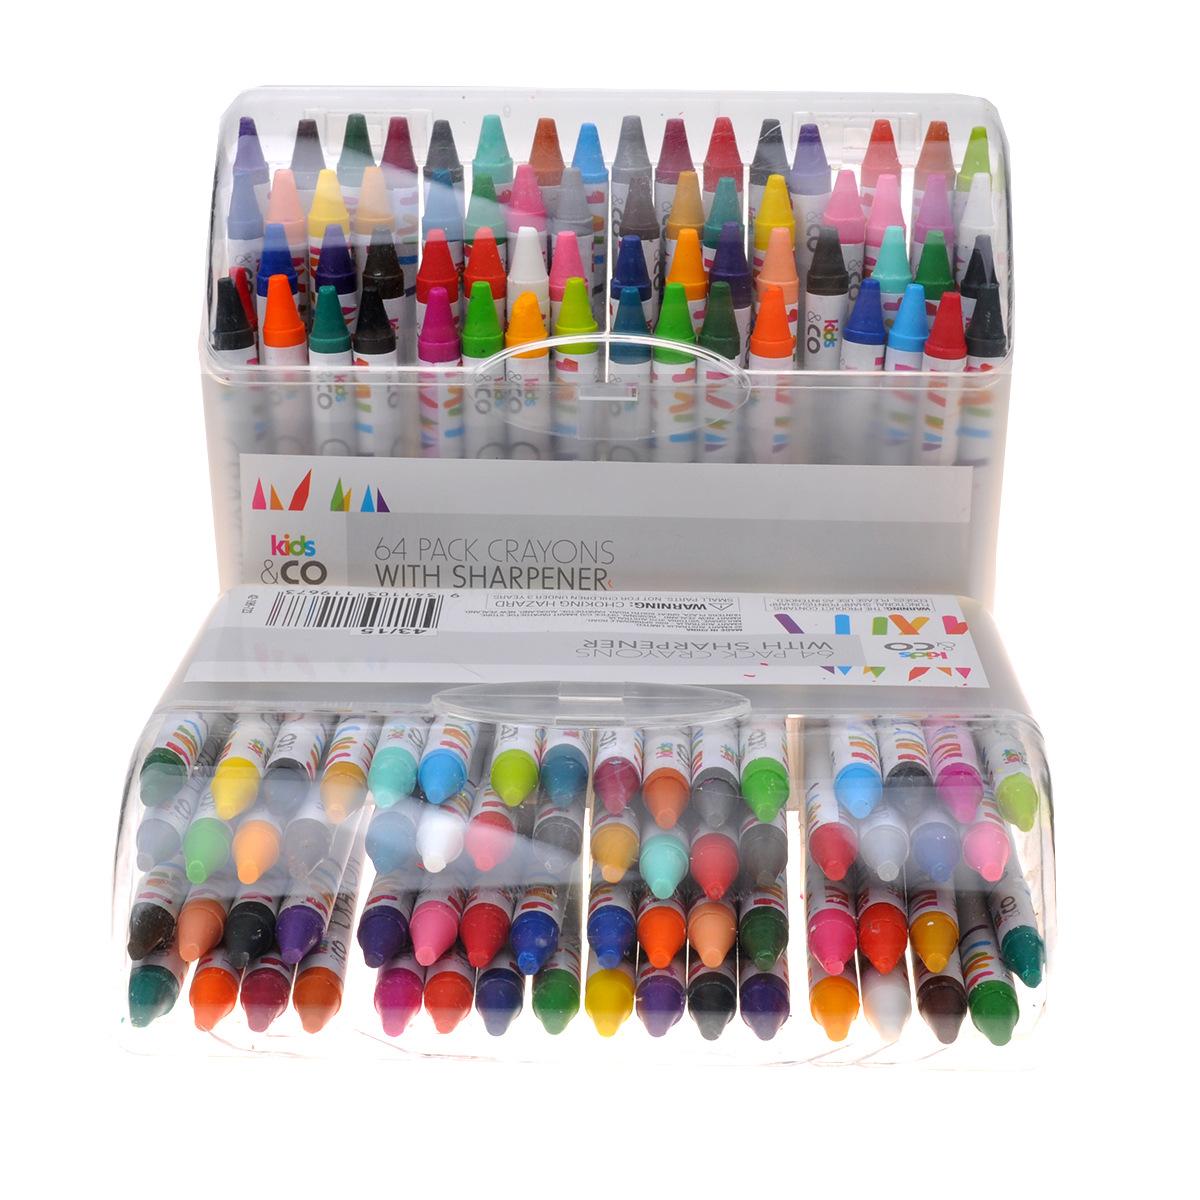 Bộ 64 Bút Tô Màu Tiện Dụng Cho Bé